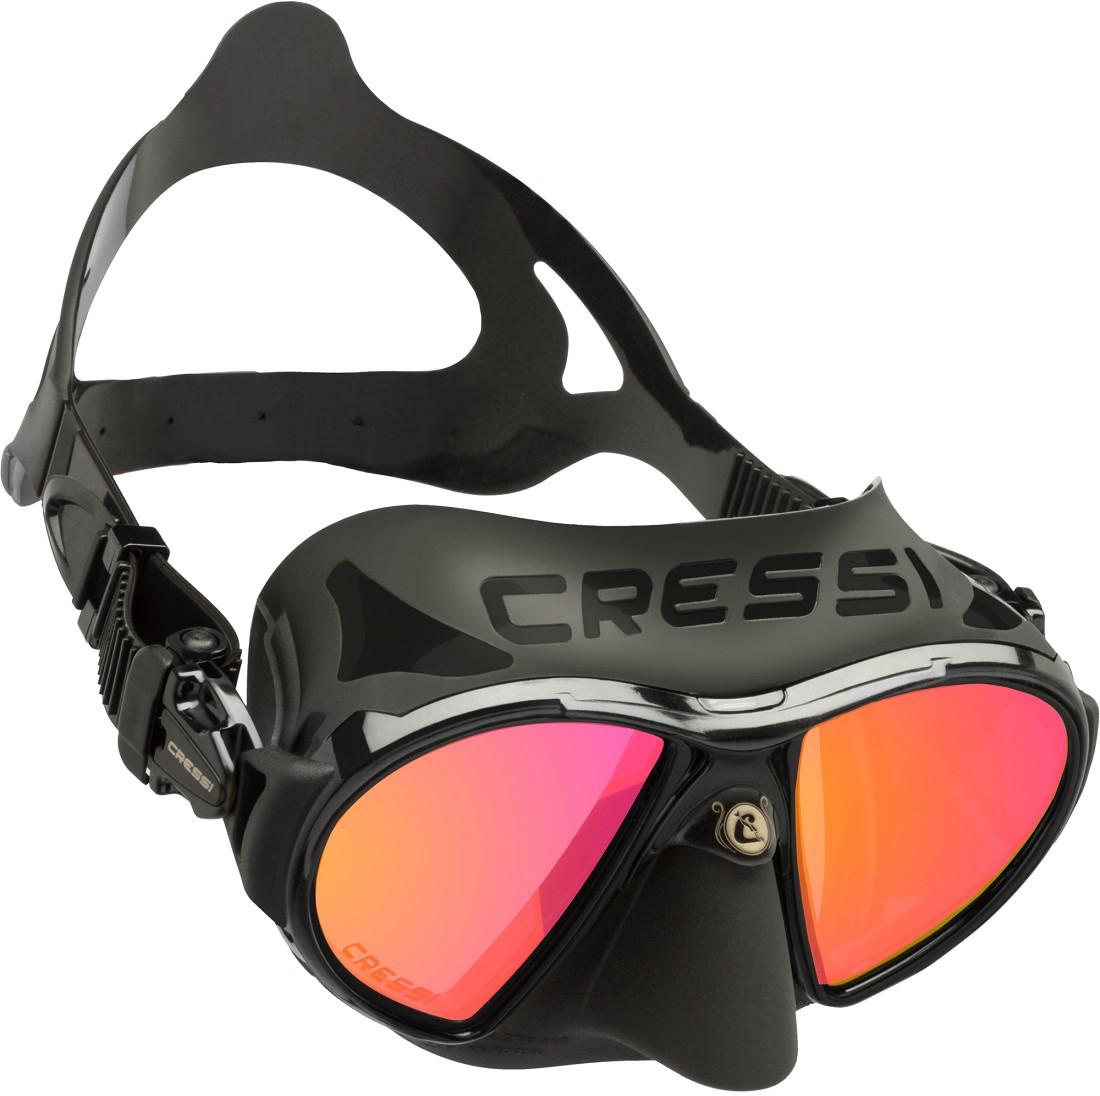 Cressi Zeus Iridium - In Store Only